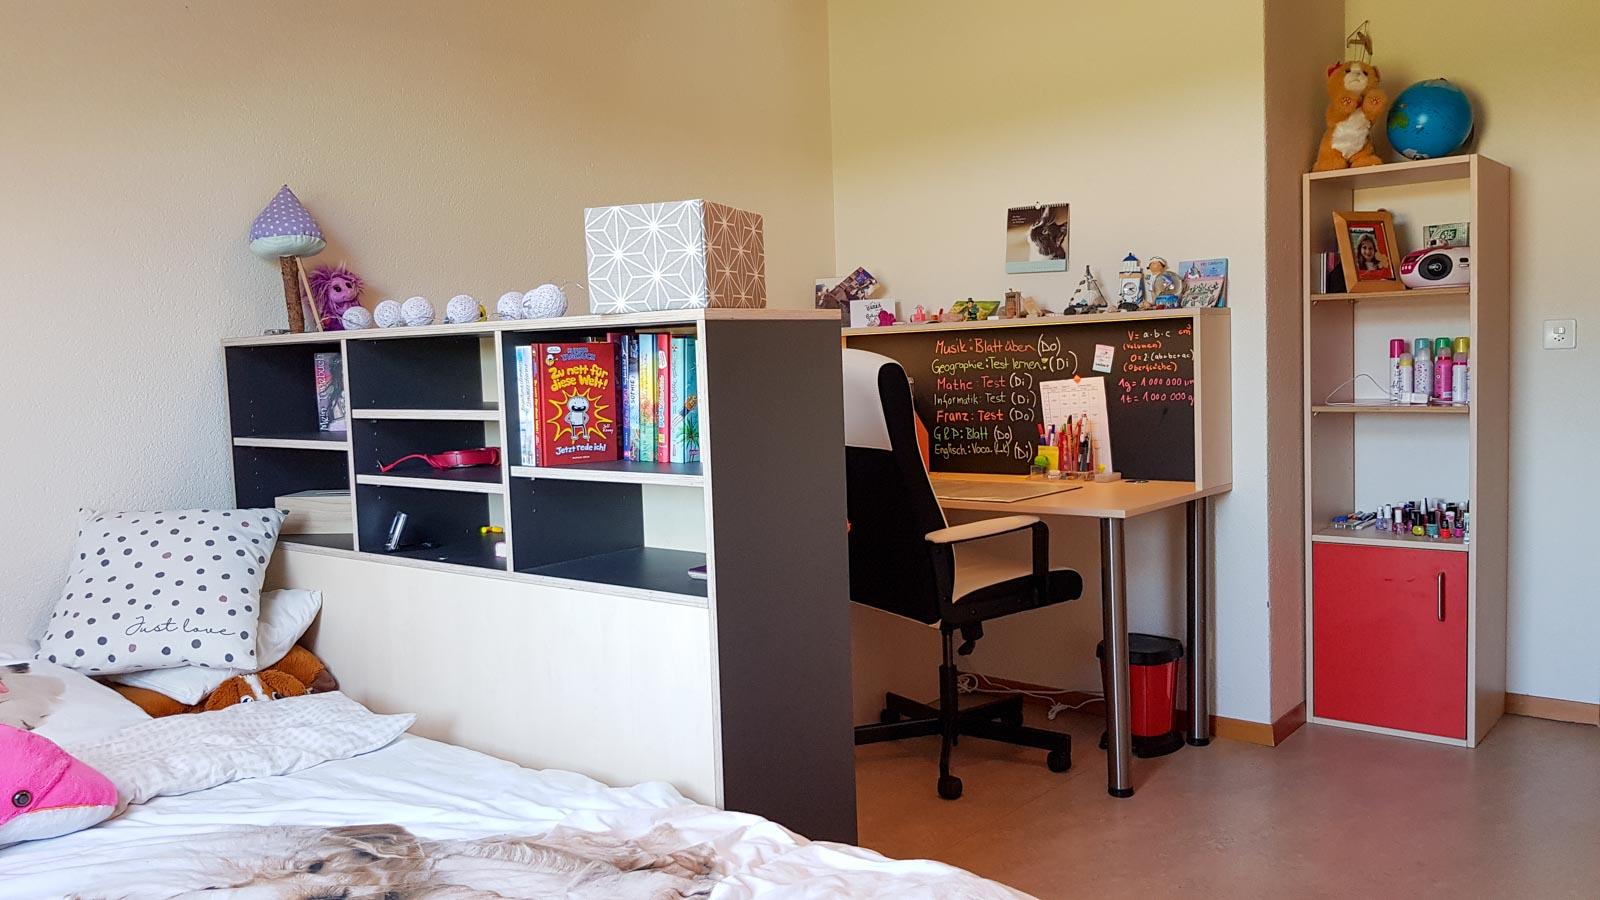 Wooddesign_Kinderzimmer_Kinderbett_Spielzimmer_Schreibtisch-Verstauraum_ Schubladen_Pinwand_Bücherregal (6)